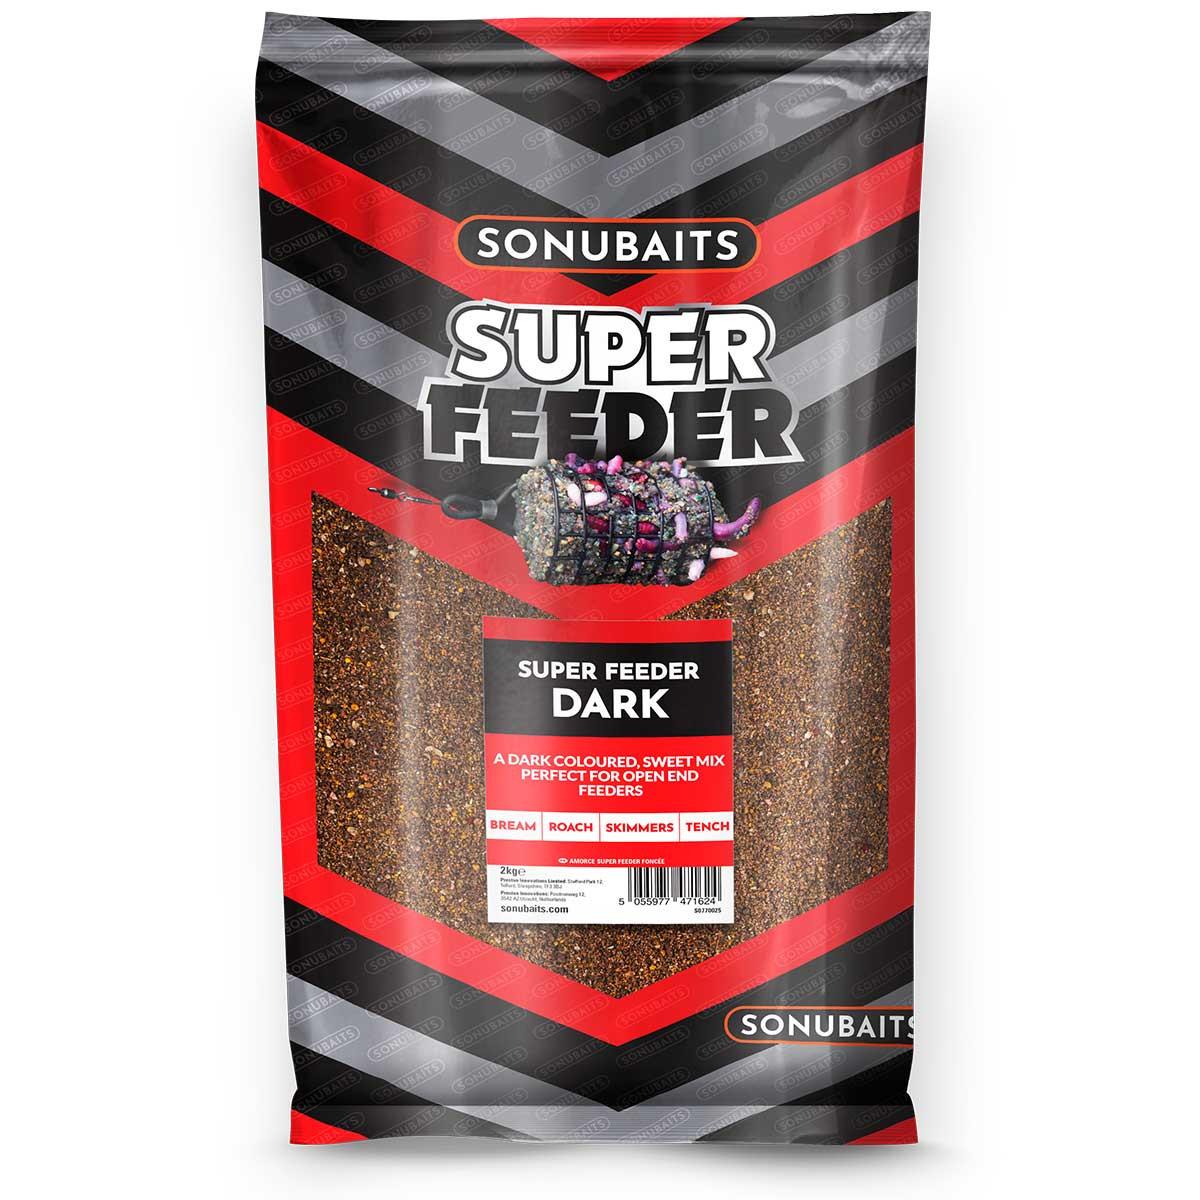 Sonubaits Super Feeder Dark 2kg